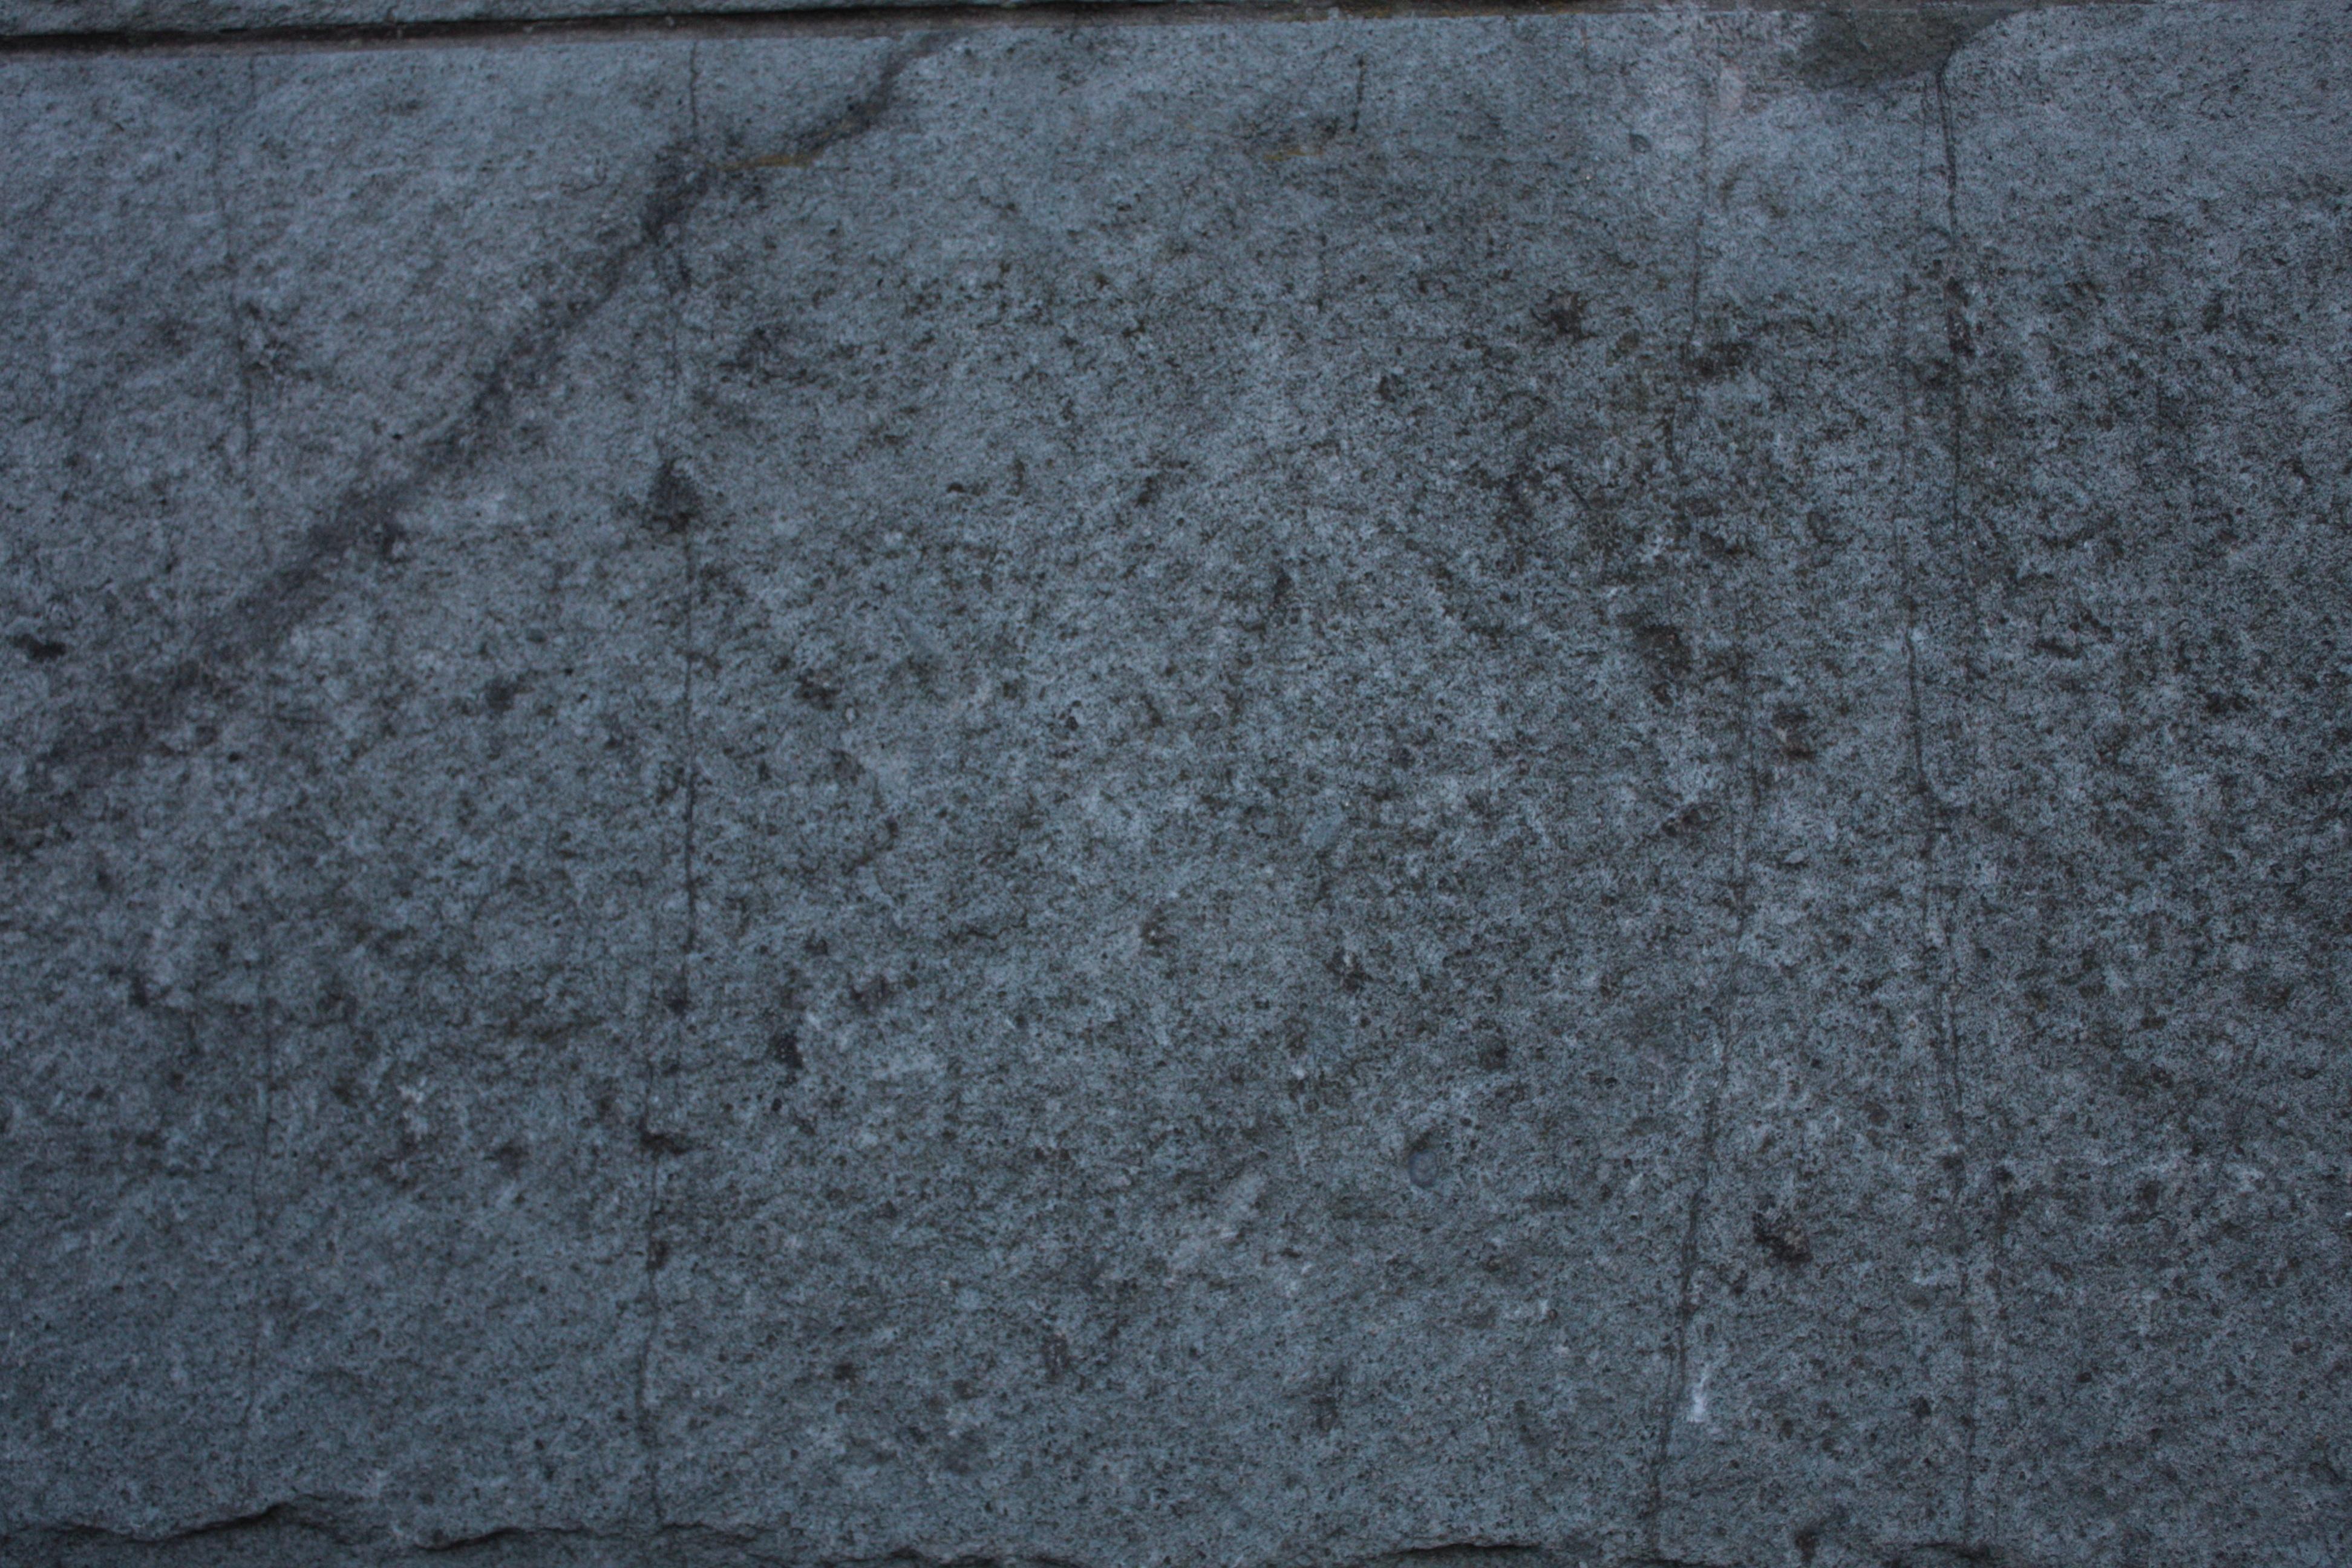 Connu Images Gratuites : Roche, texture, sol, Urbain, asphalte, modèle  PX65